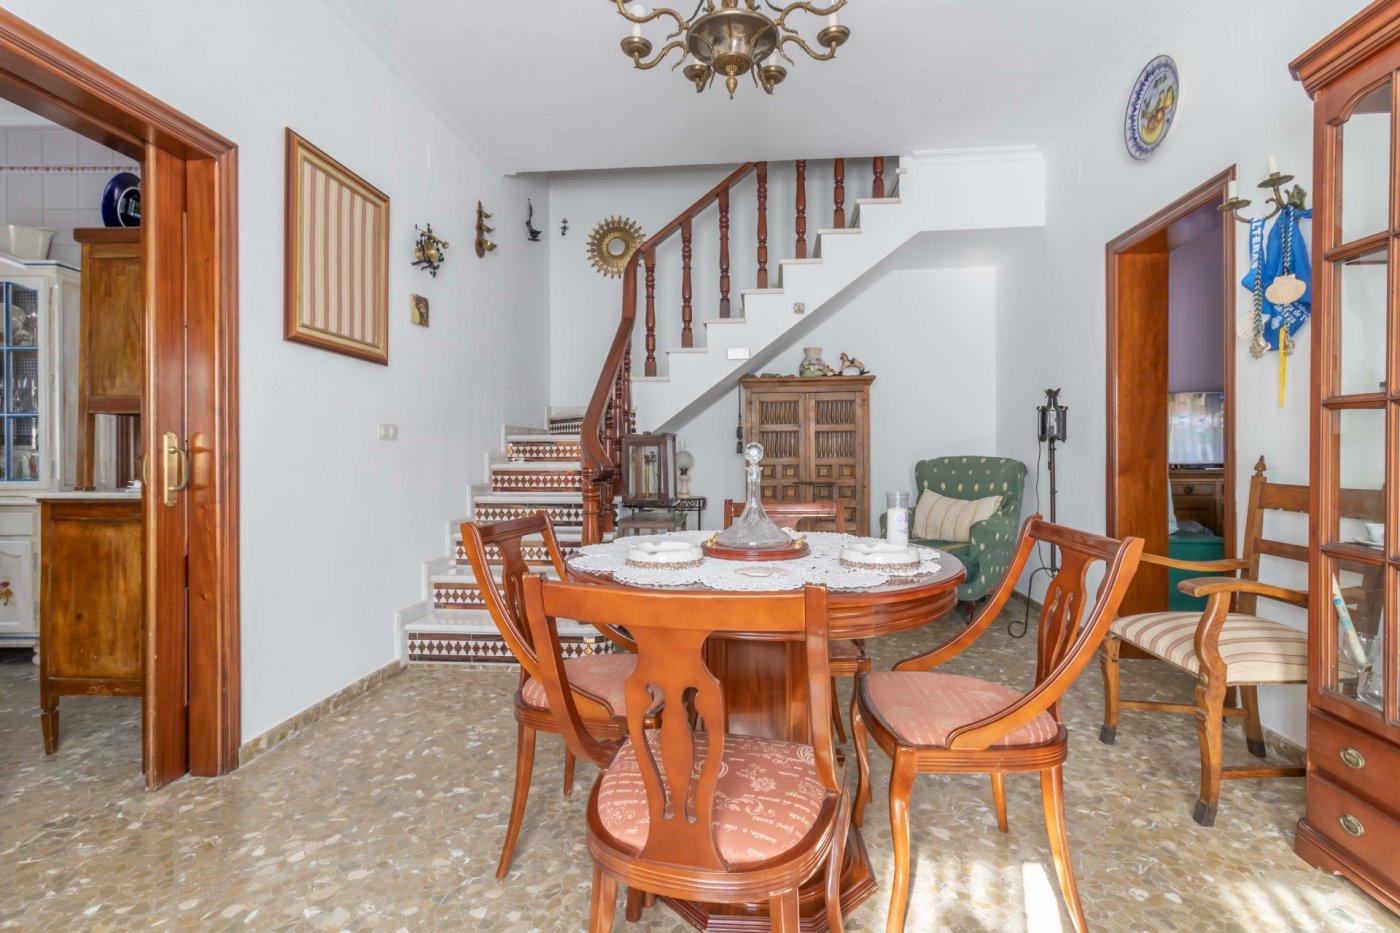 Casa a la venta en salteras - imagenInmueble4